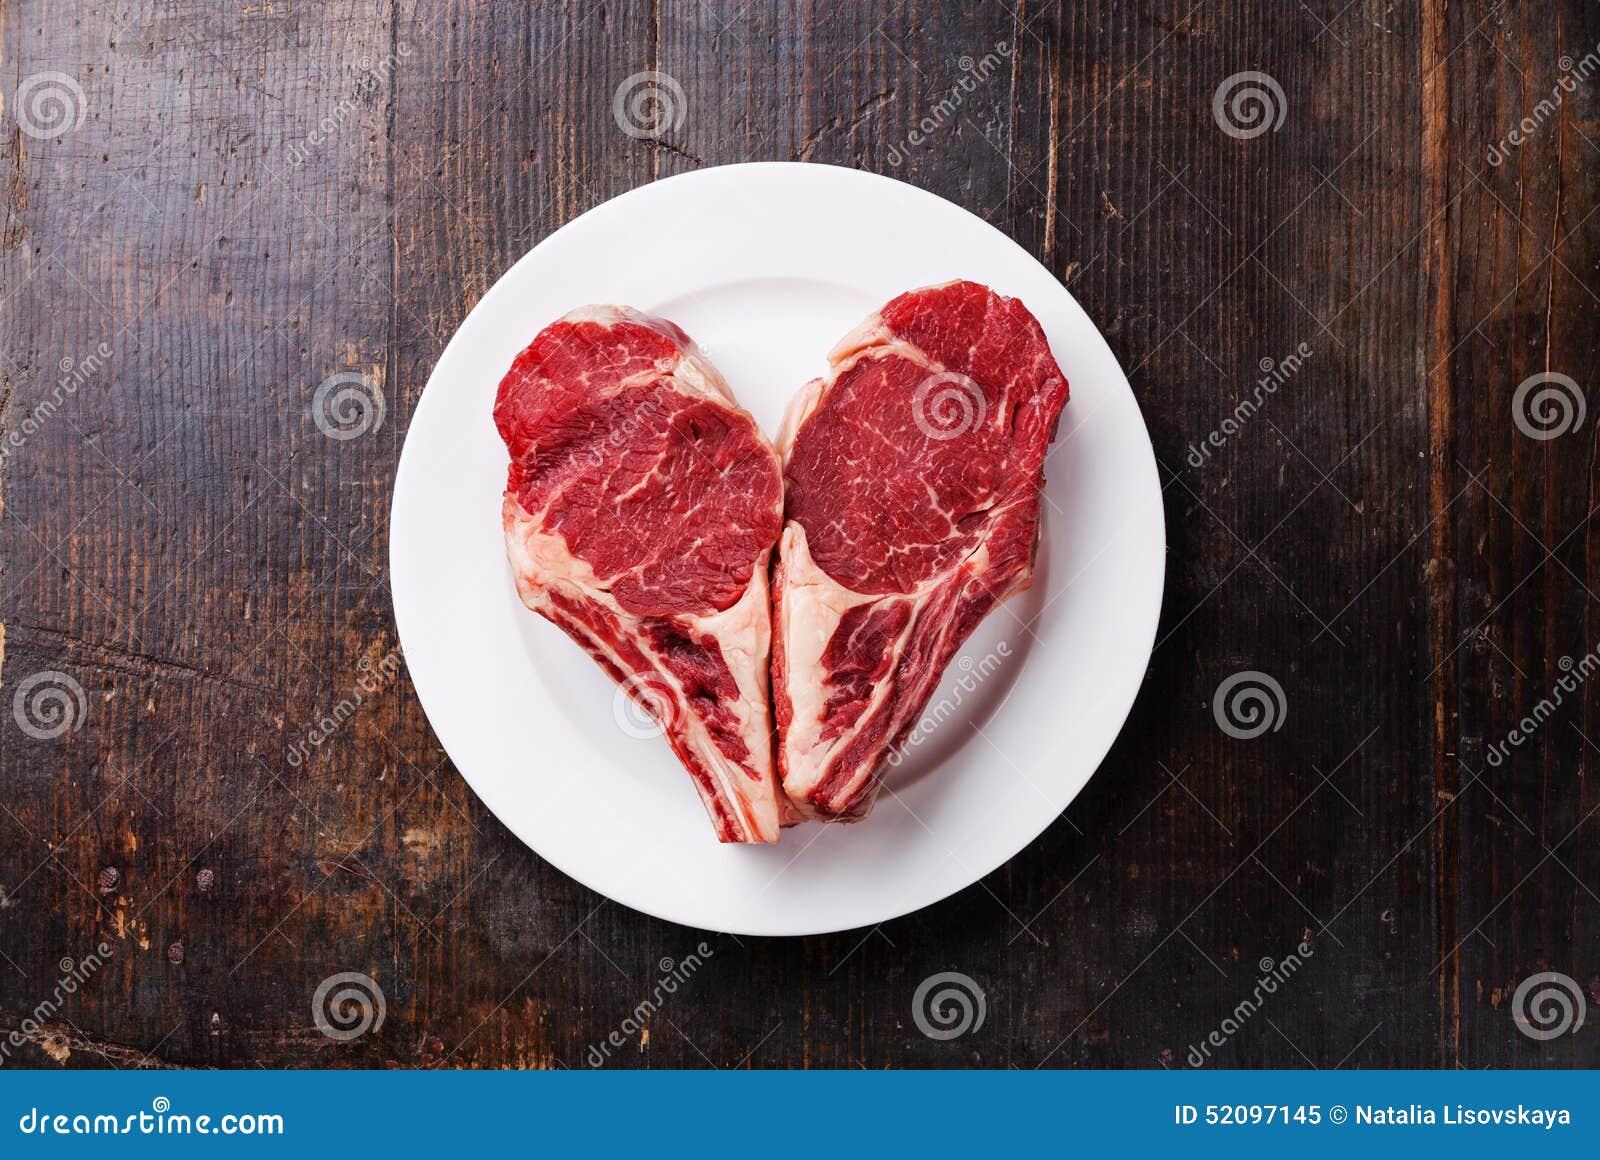 Heart shape Raw meat steak on plate